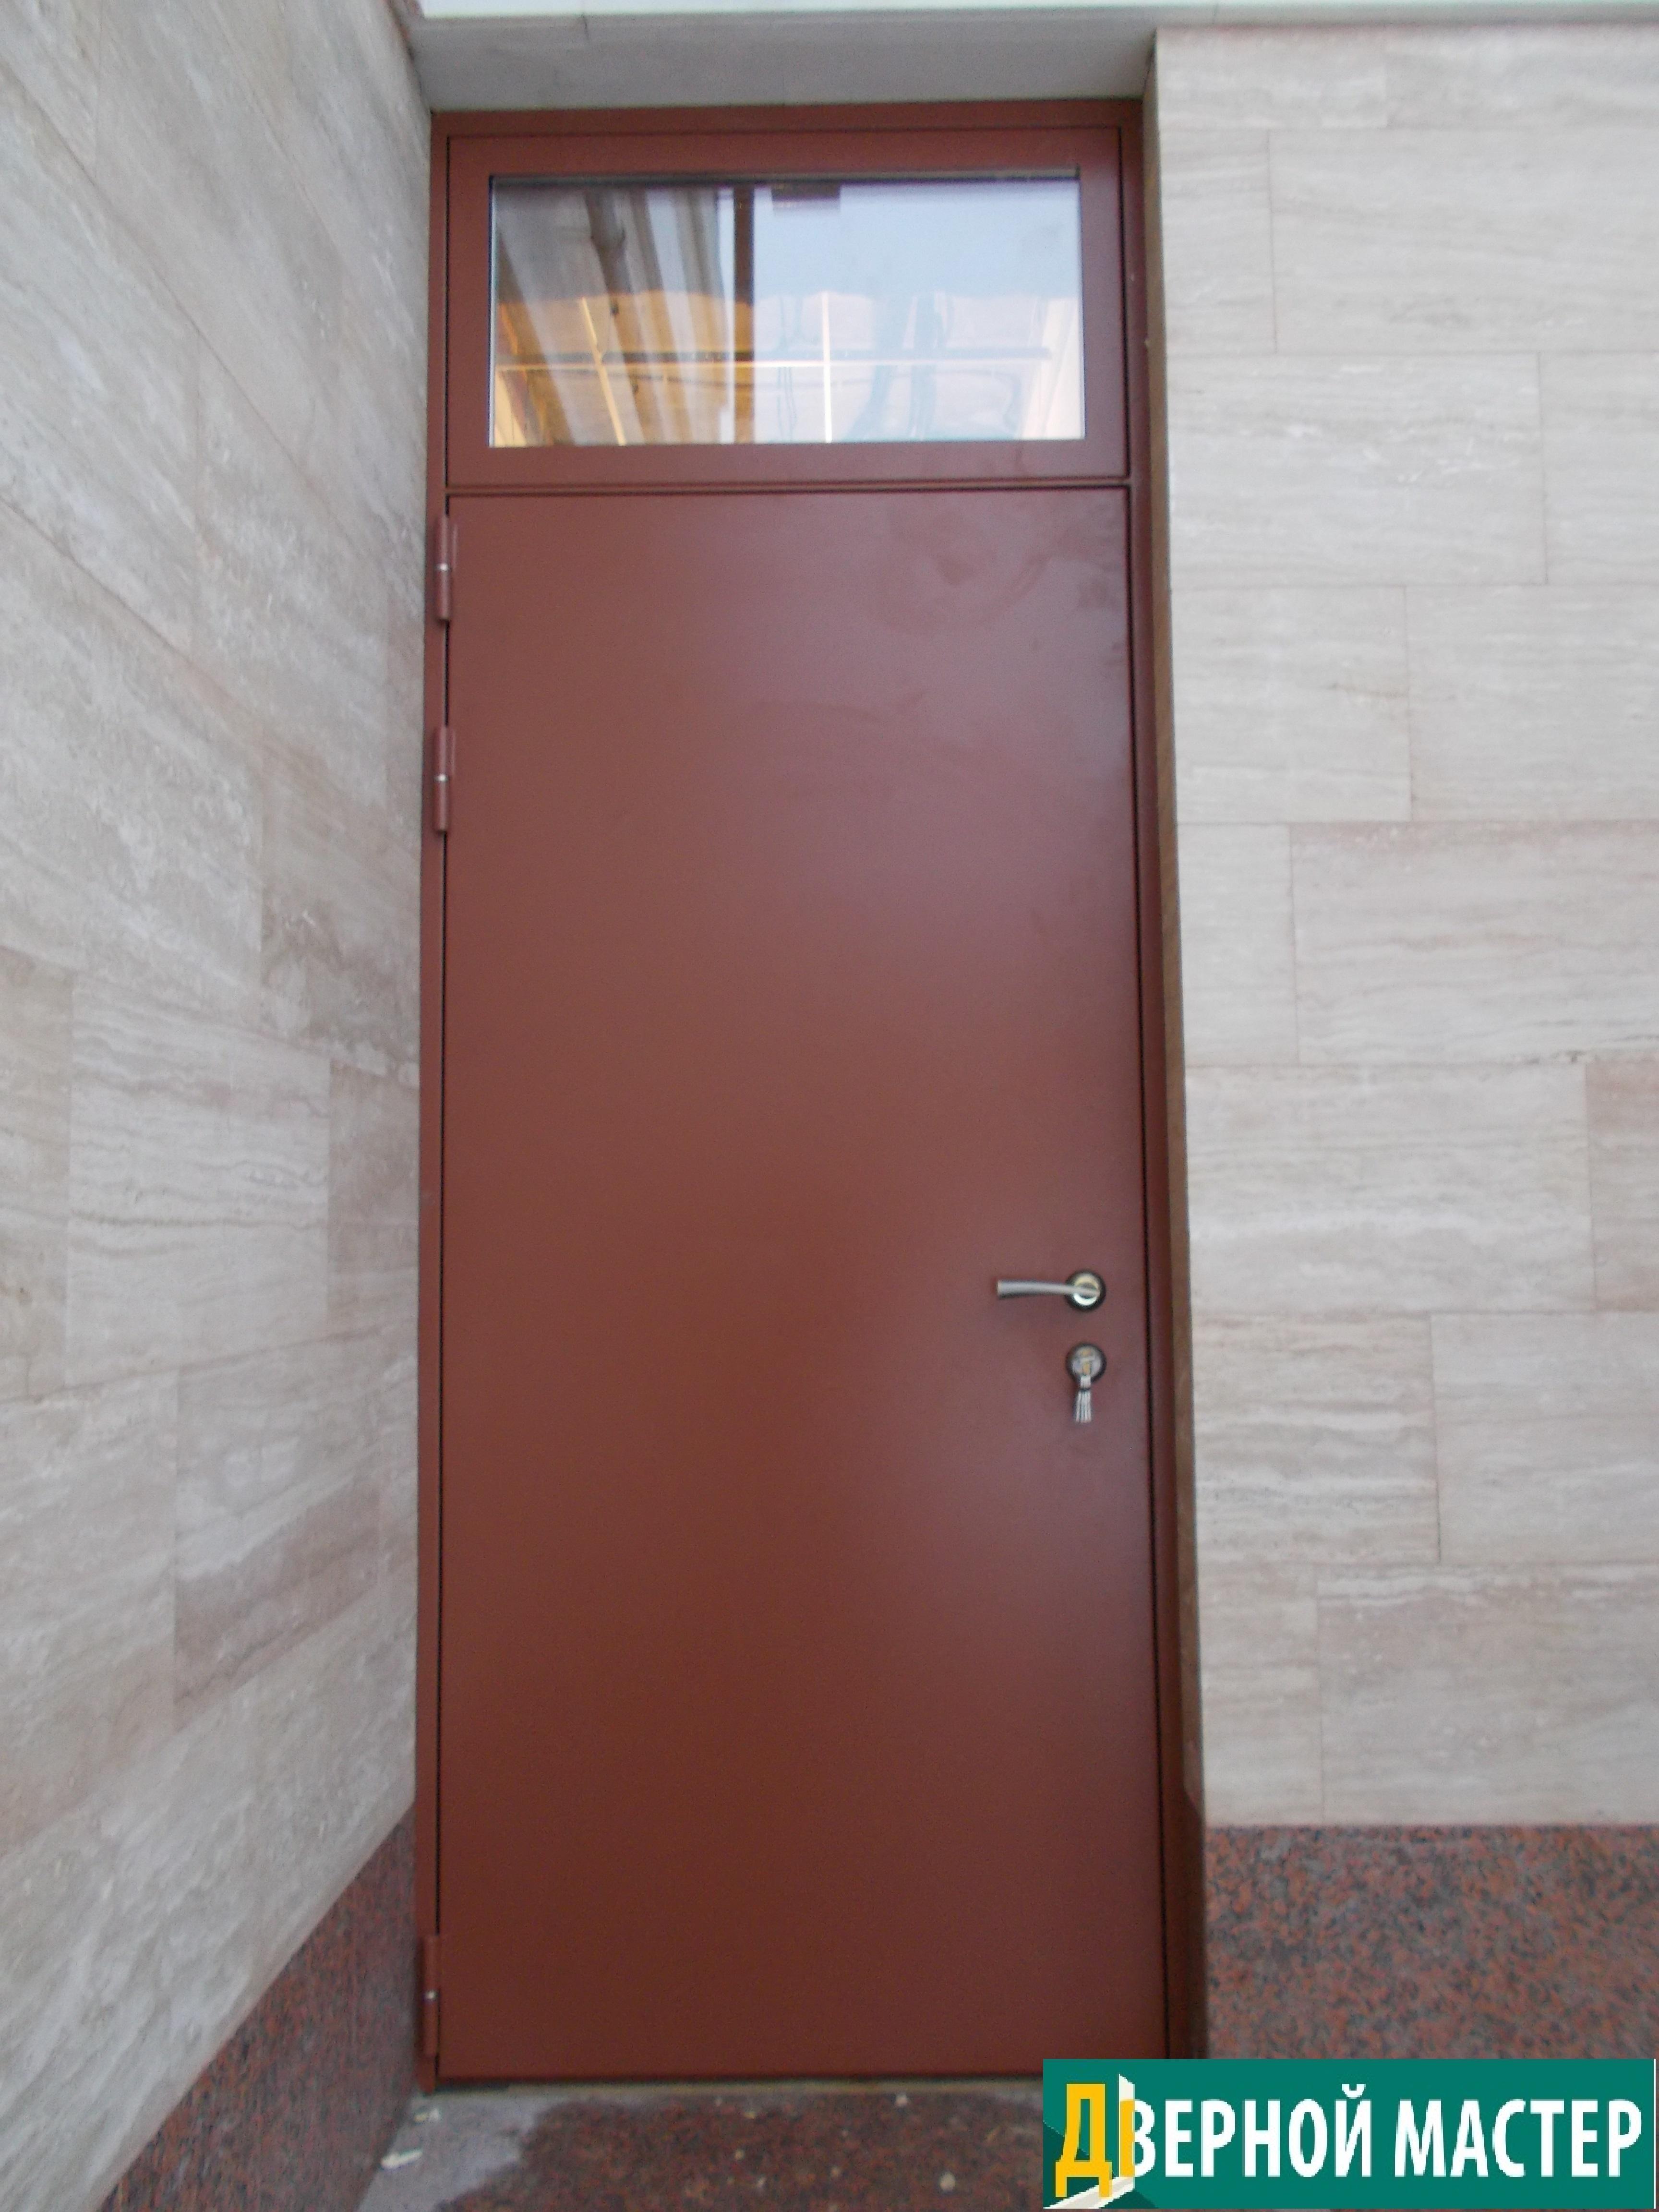 Утепленная нестандартная дверь на заказа с верхней фрамугой и стеклом с антивандальным напылением.